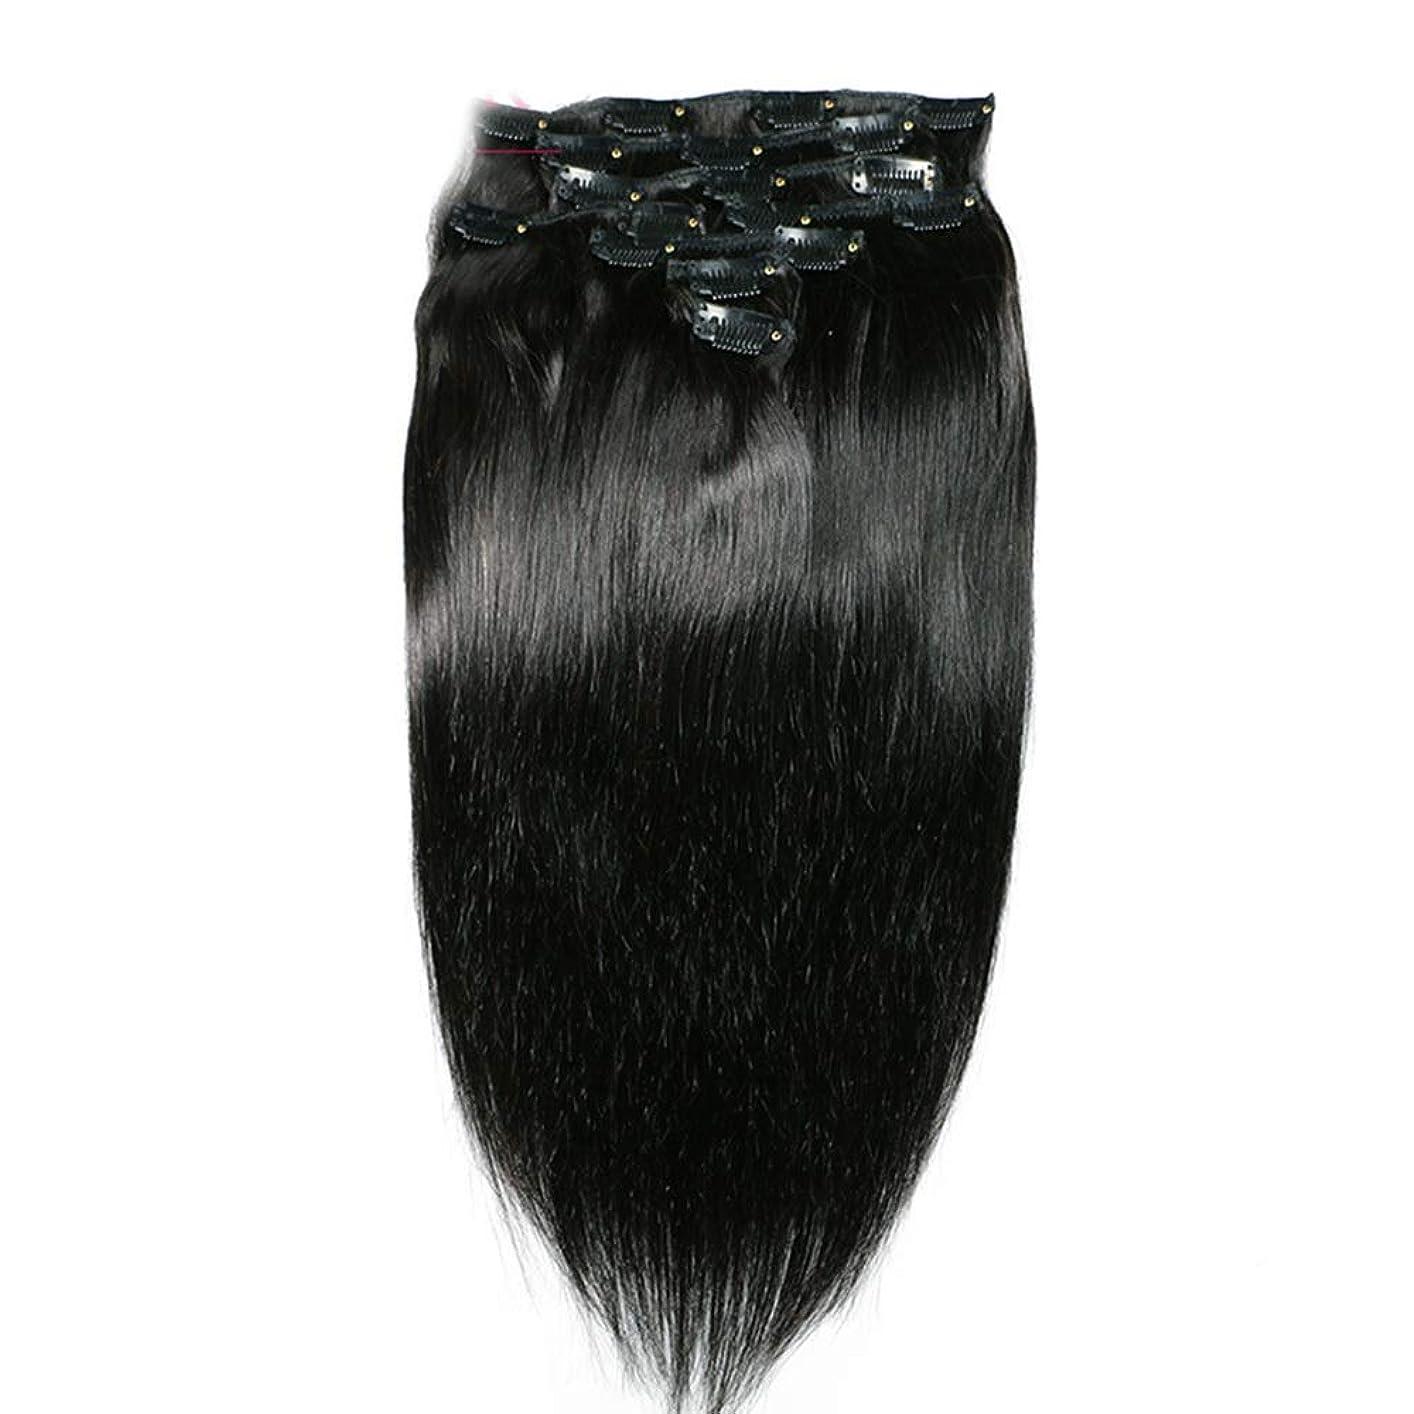 ゴシップ理論酸度BOBIDYEE ヘアエクステンションクリップ人間の髪の毛のremyフルヘッドダブル横糸ストレートヘアピースナチュラルブラックコンポジットヘアレースかつらロールプレイングウィッグロングとショートの女性自然 (色 : 黒, サイズ : 24 inch)